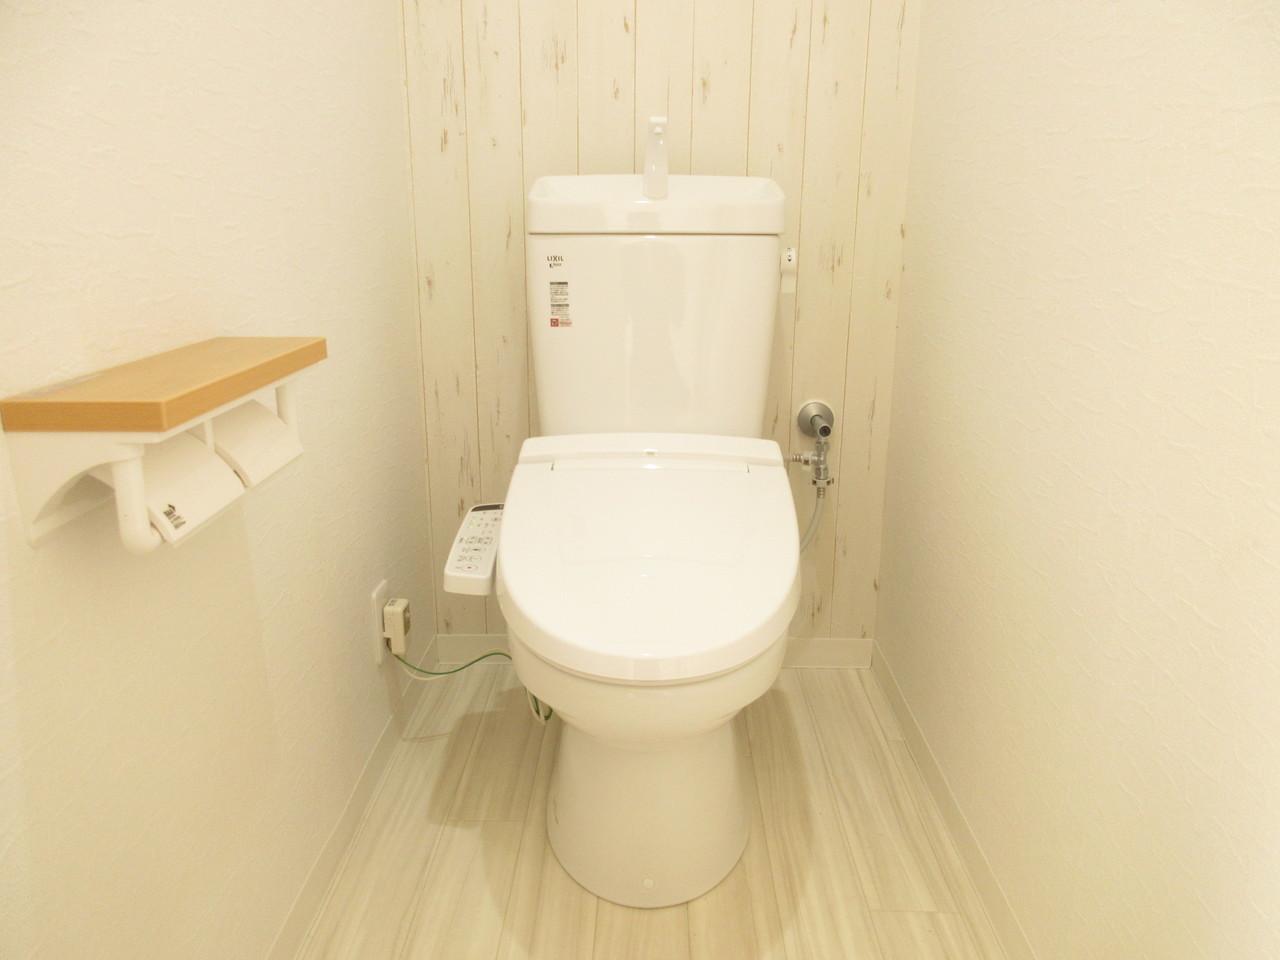 木目がお洒落なトイレ。デザイン性に特化しており、トイレに行くのも楽しくなっちゃいそうです(^^)♪